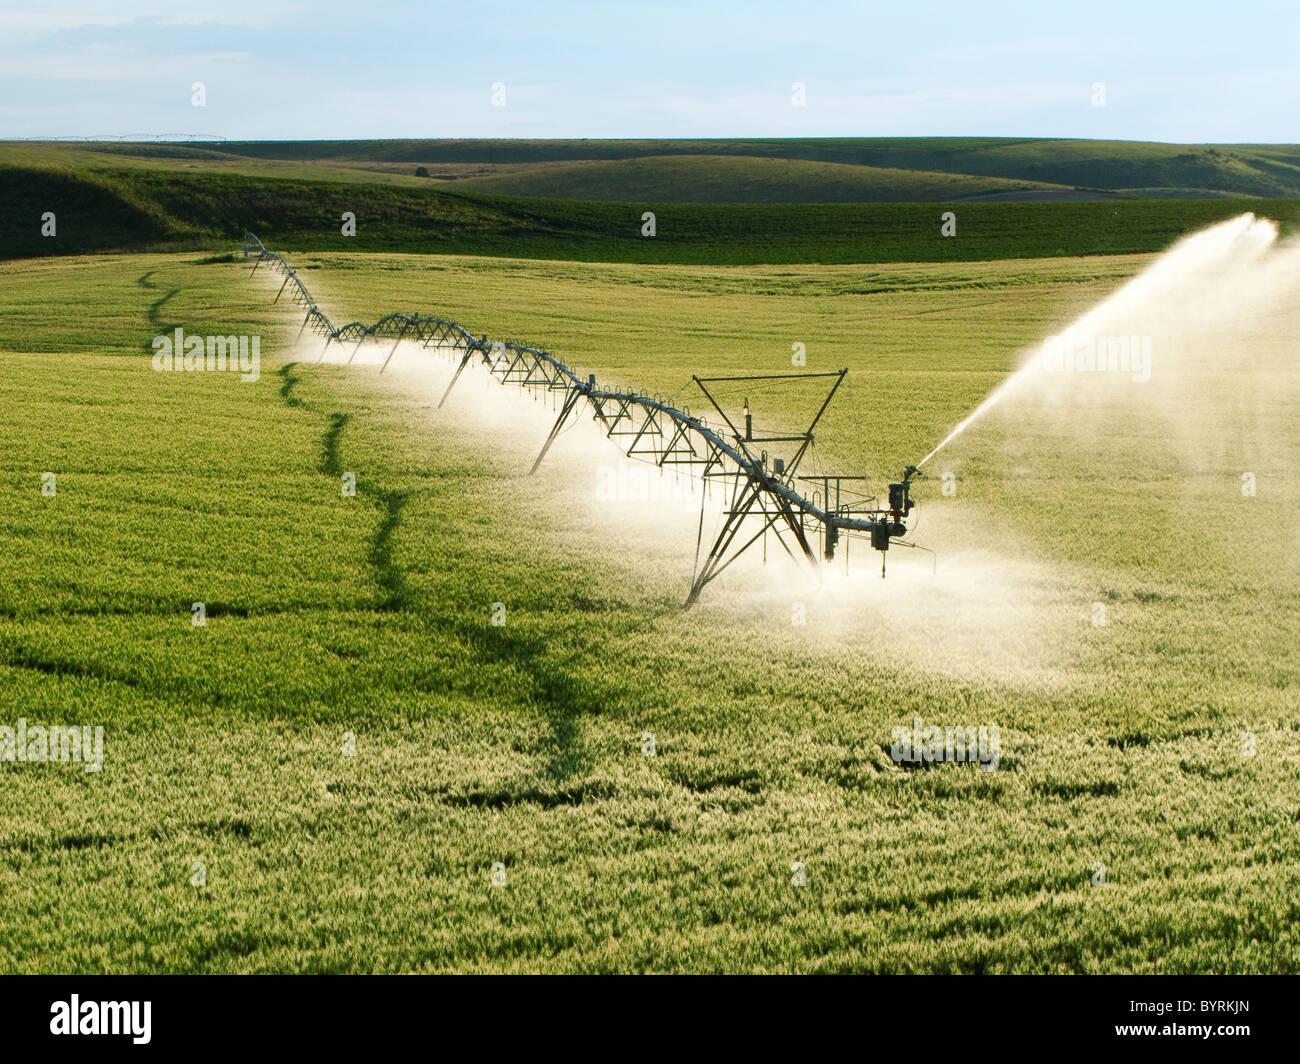 Agricultura - Funcionamiento del sistema de riego de pivote central en un campo de grano verde / Idaho, USA. Imagen De Stock